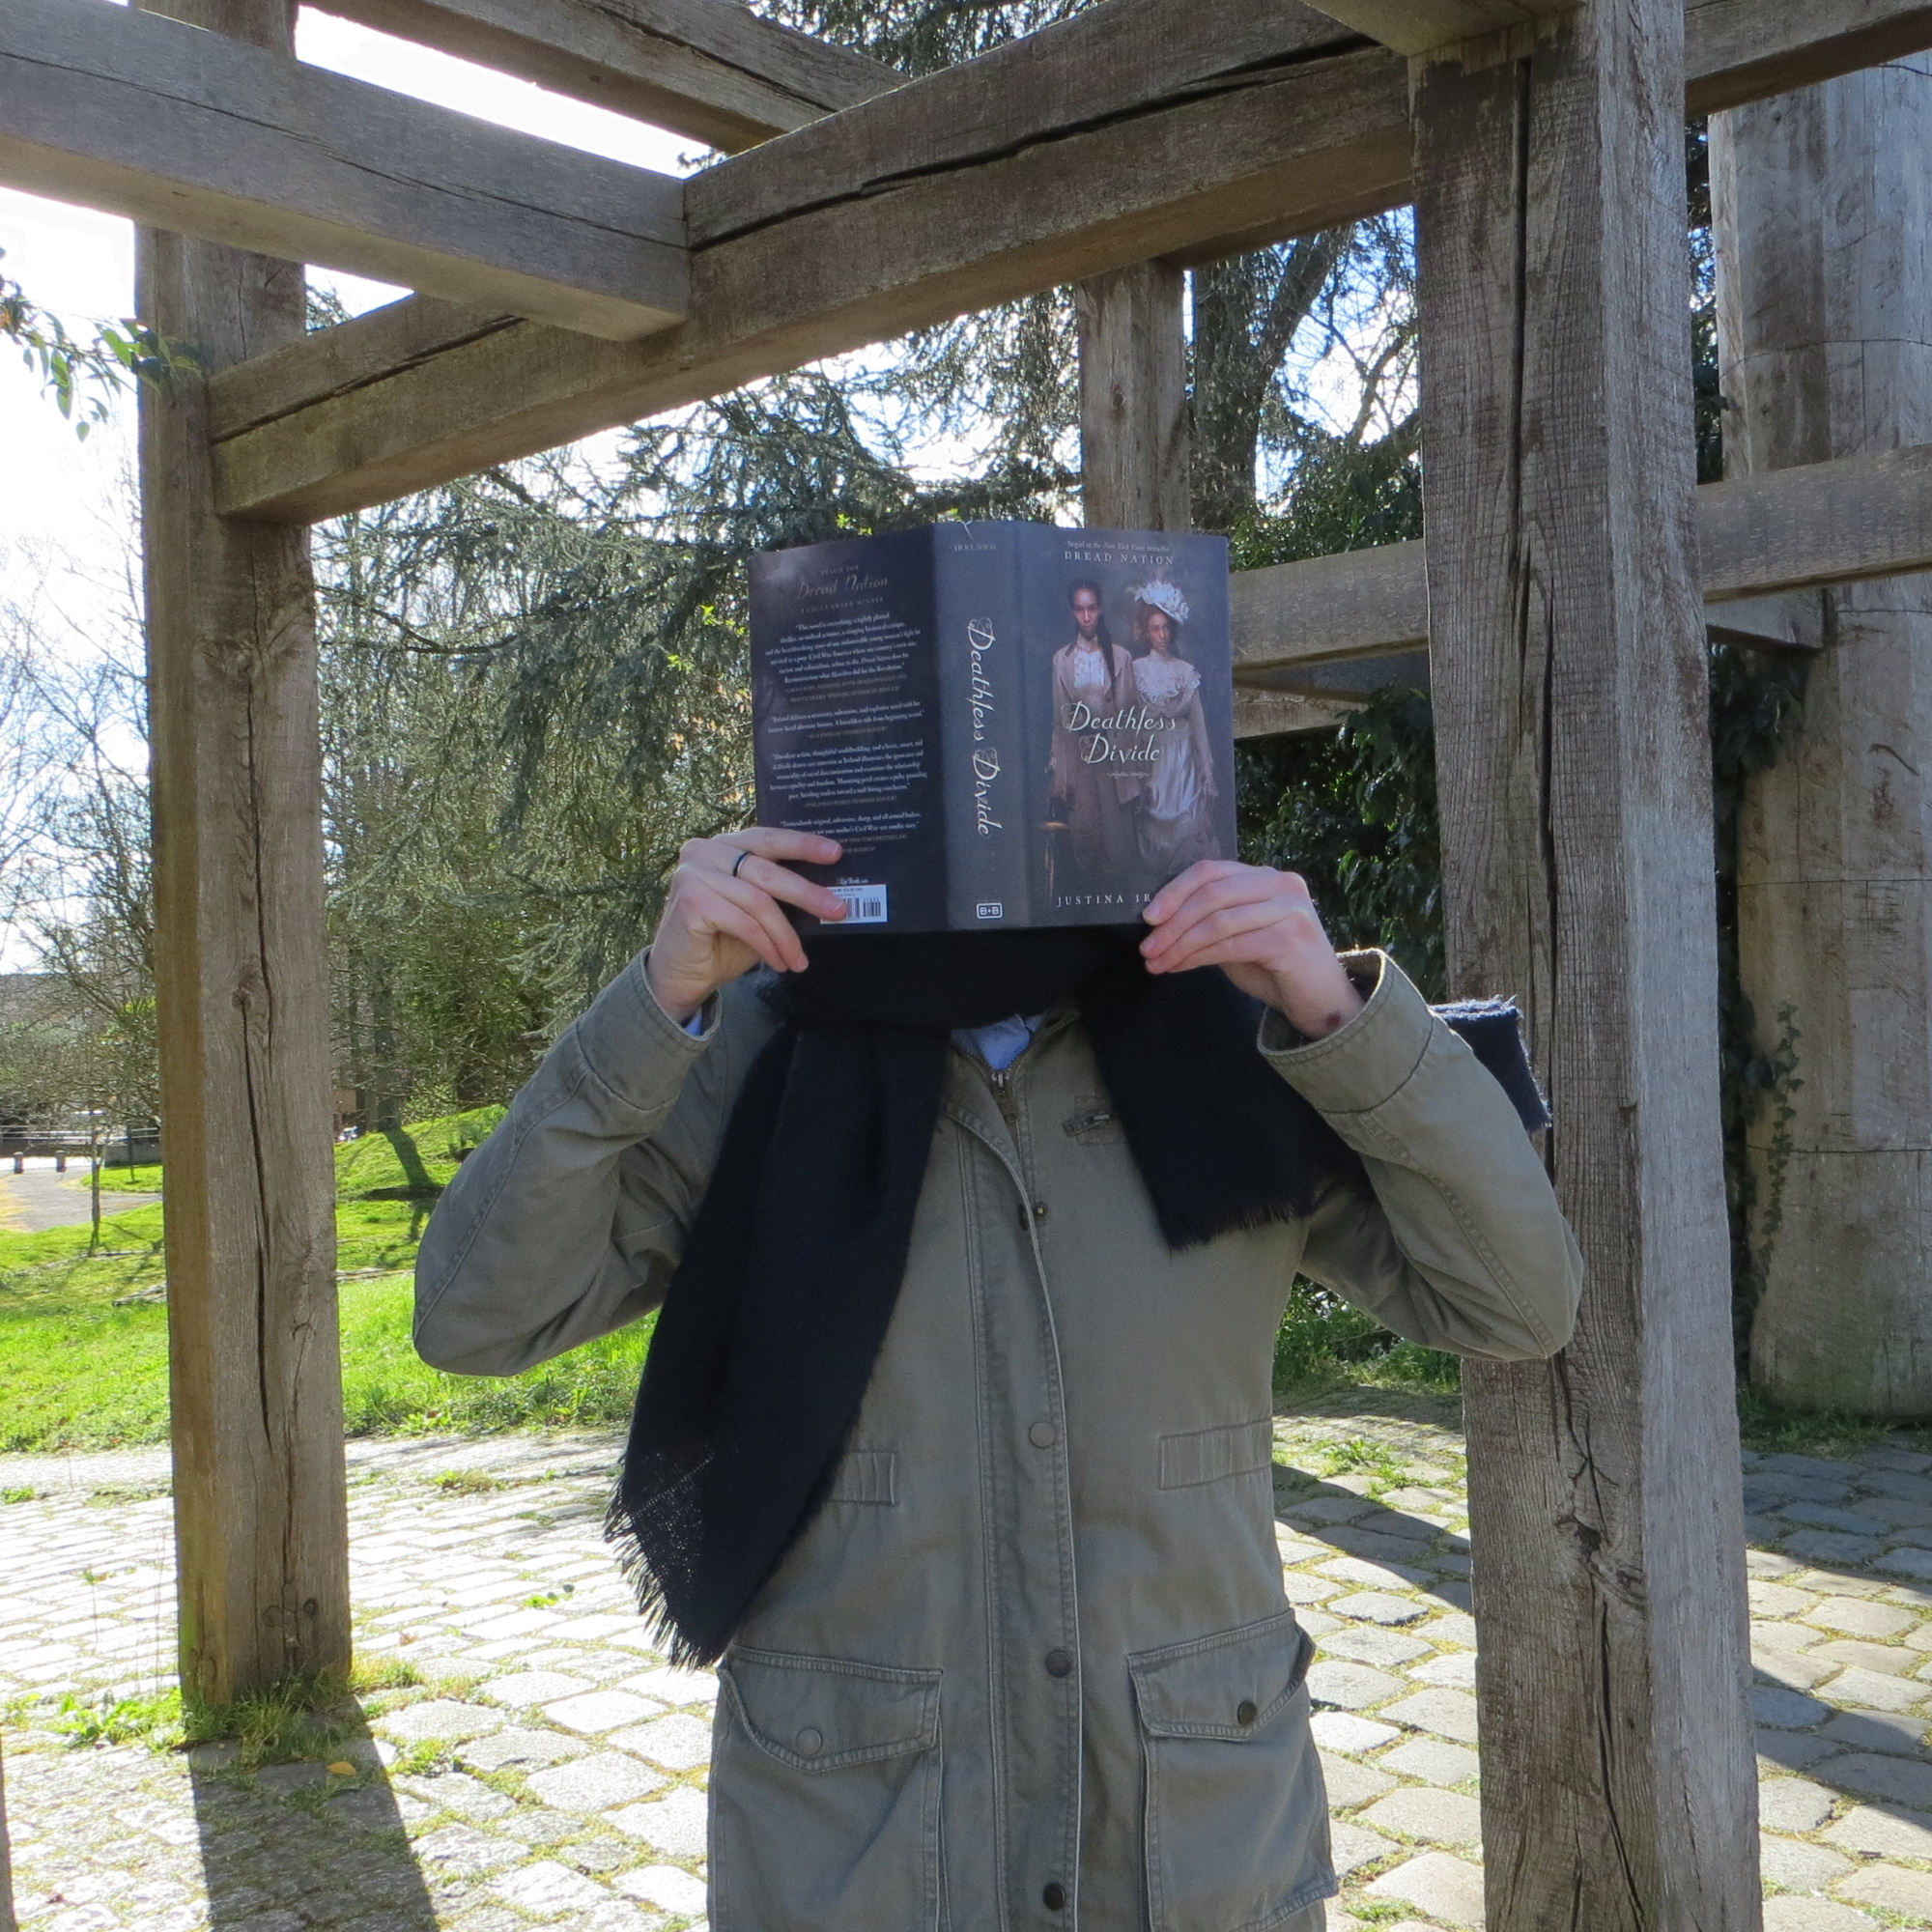 personne en parka vert kaki lisant Deathless Divide de Justina Ireland devant une structure en bois